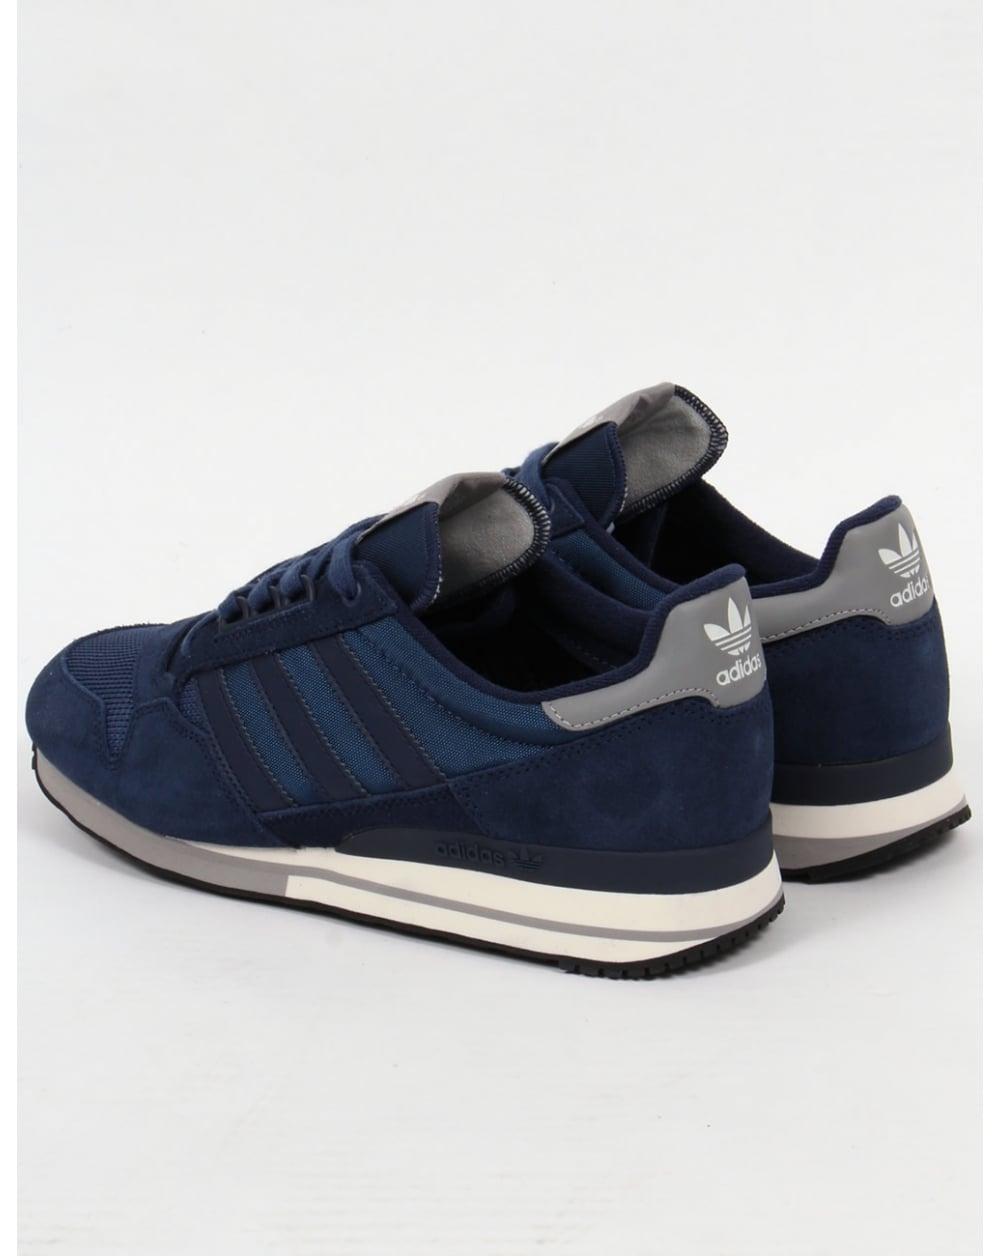 Adidas Zx 500 Y Mientras Los Formadores dtKglh